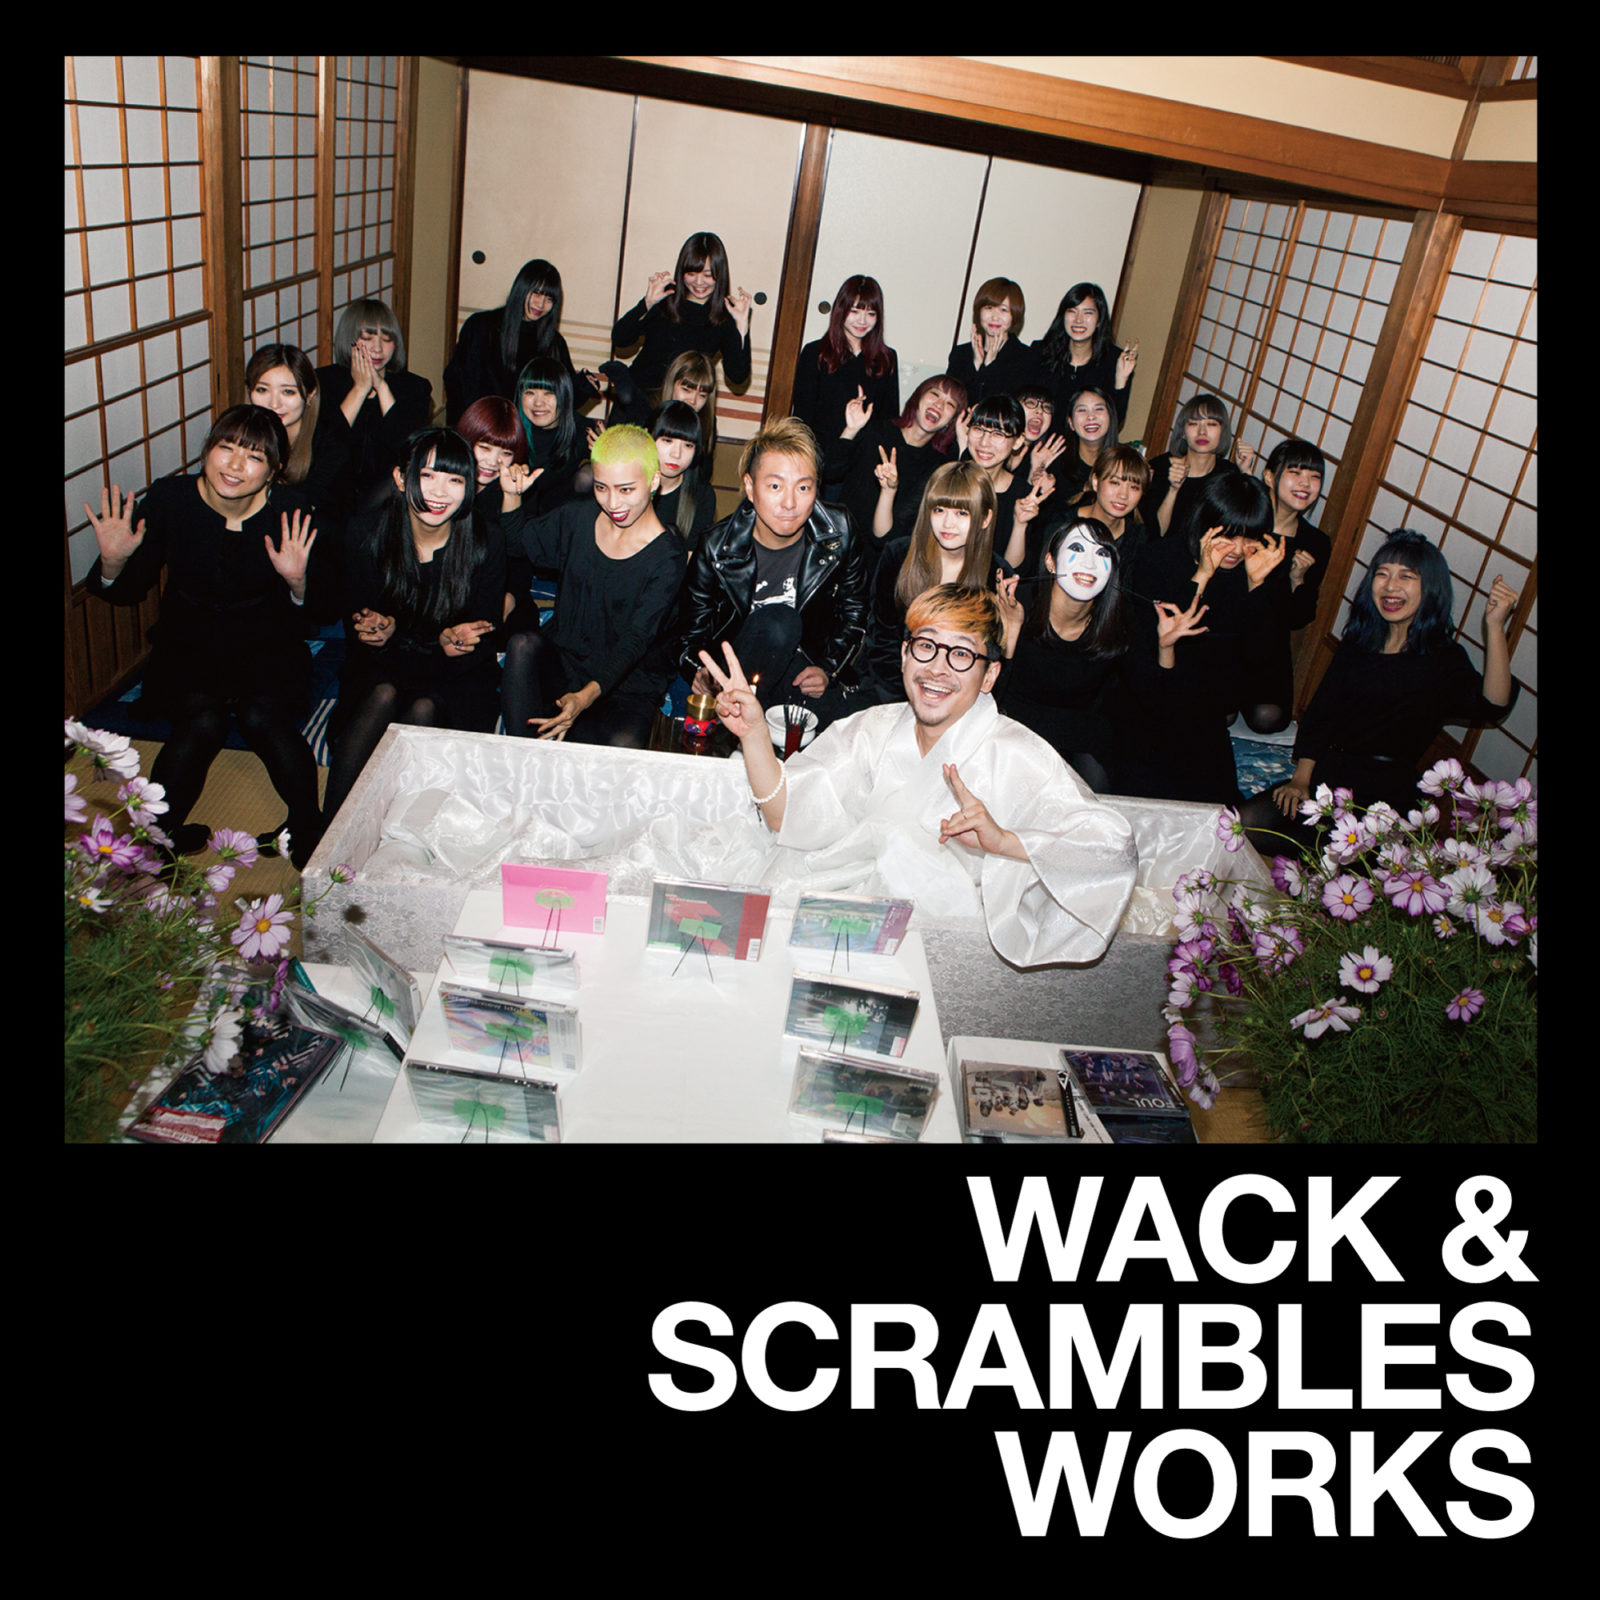 BiSH、BiS、GANG PARADE、EMPiREが参加するスペシャルアルバムが初日に限り300円で先行配信サムネイル画像